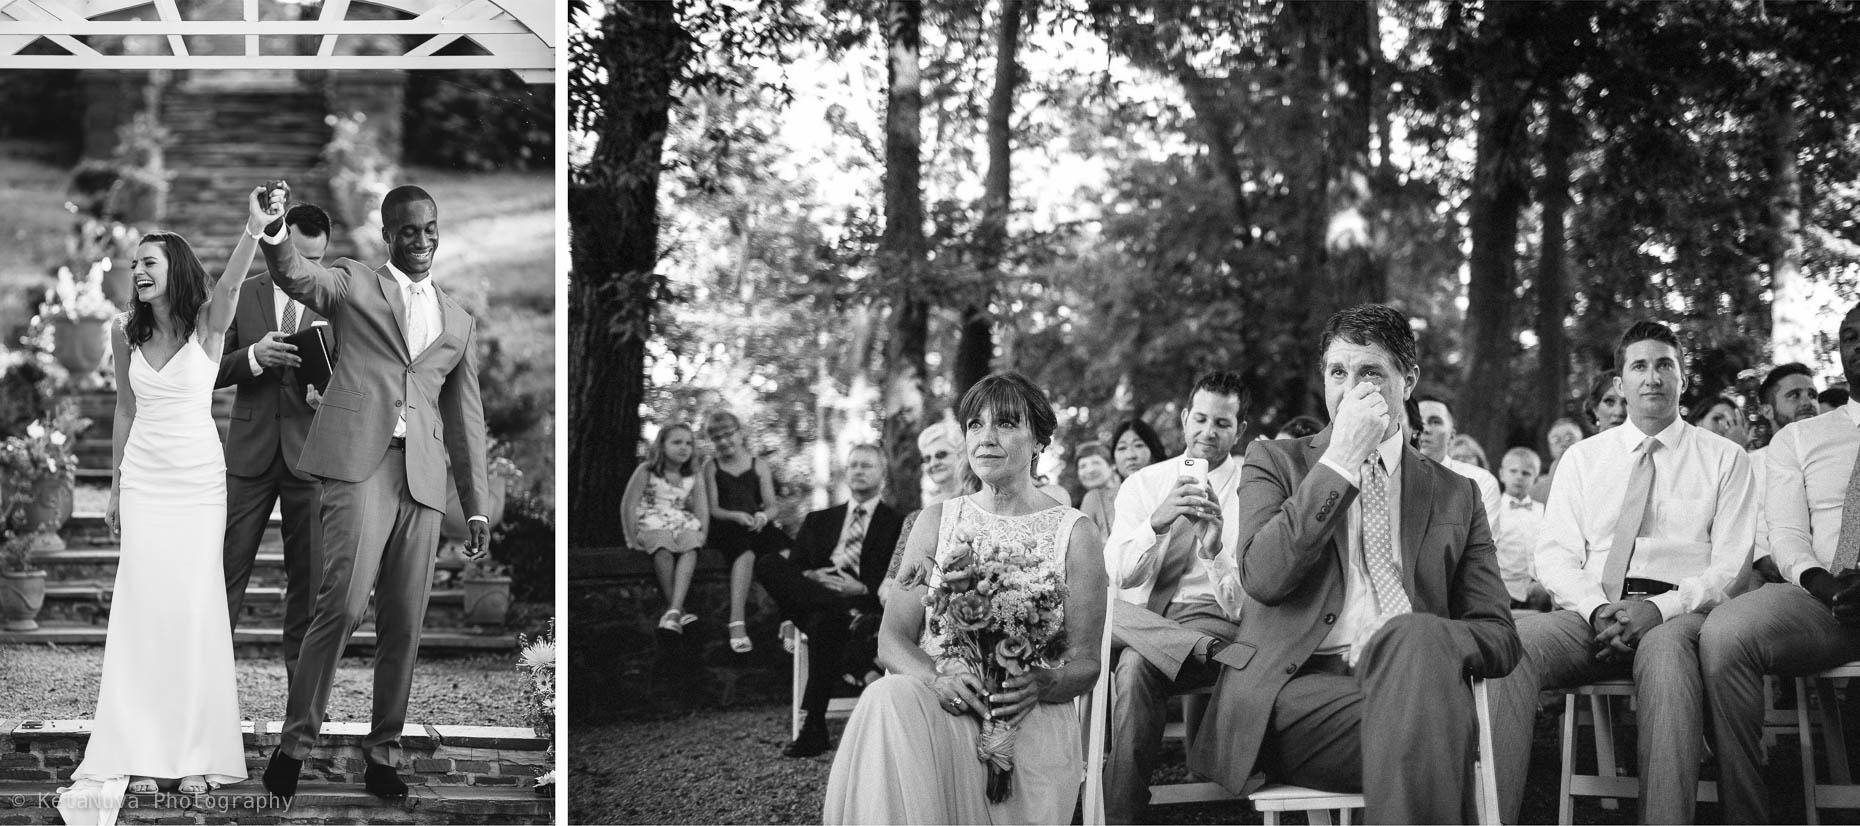 Sunken Garden - Lauxmont Farms Wedding   Aubrey & Barrett Lauxmont Farms Wedding Sunken Garden 001